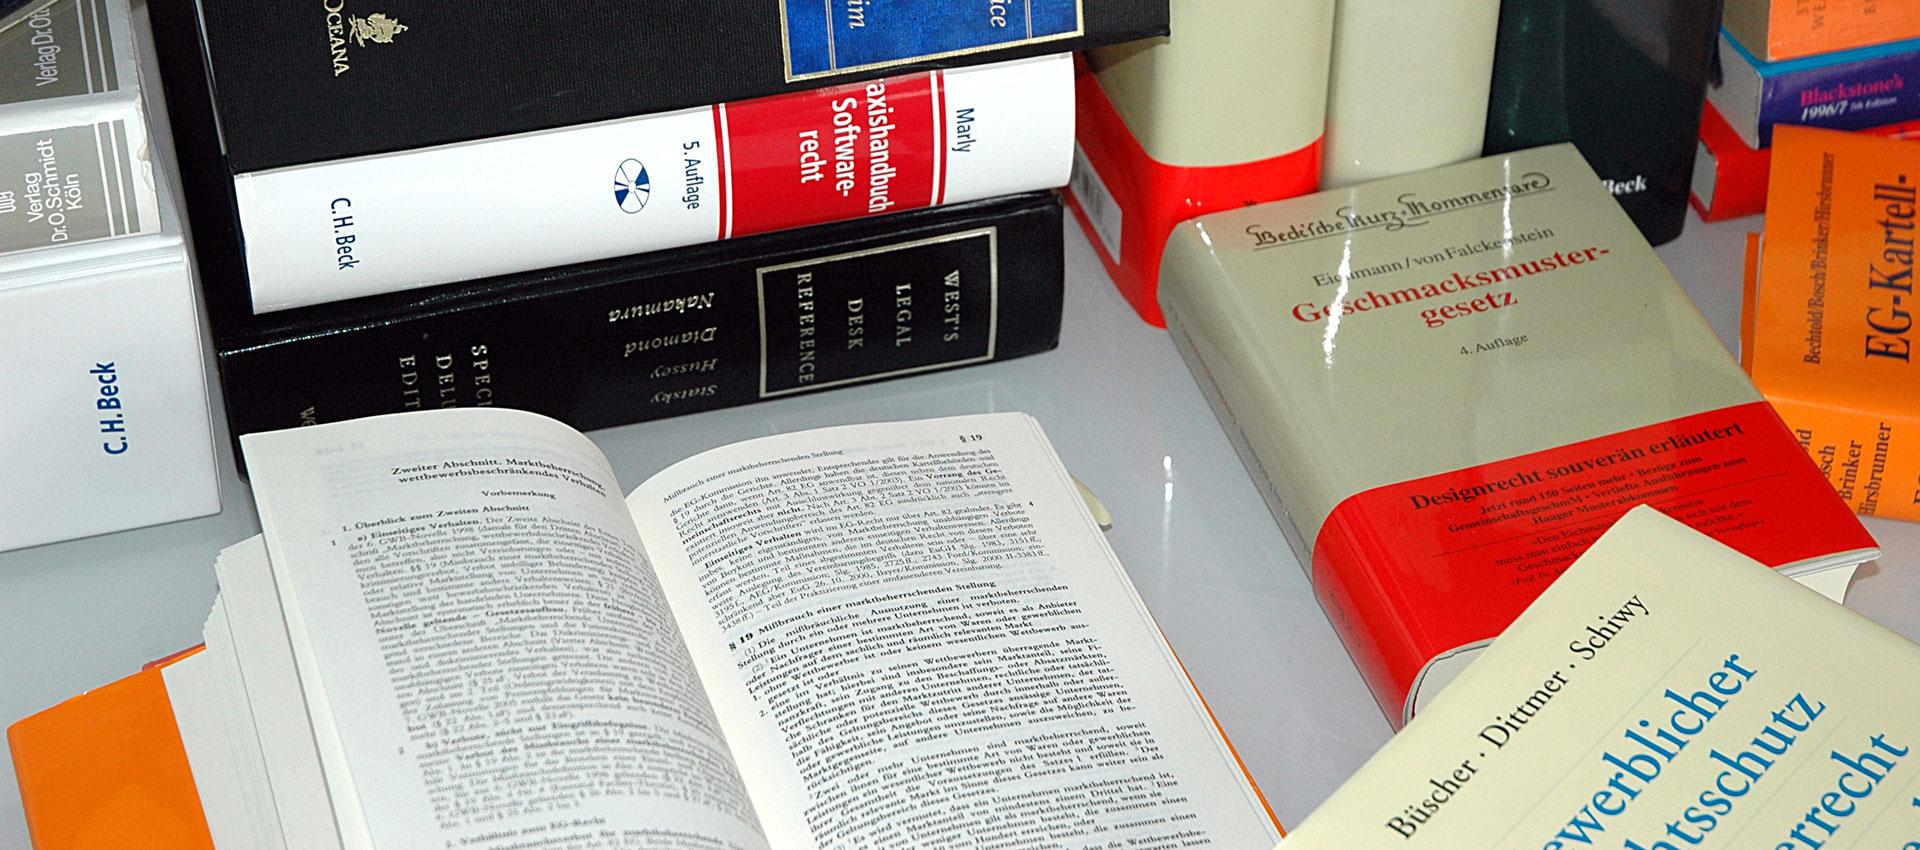 Kanzlei für Inkassorecht - horak. Rechtsanwälte Hannover - Wir sind Rechtsanwälte/ Fachanwälte/ Patentanwälte für das Gebiet des Inkassorechts.